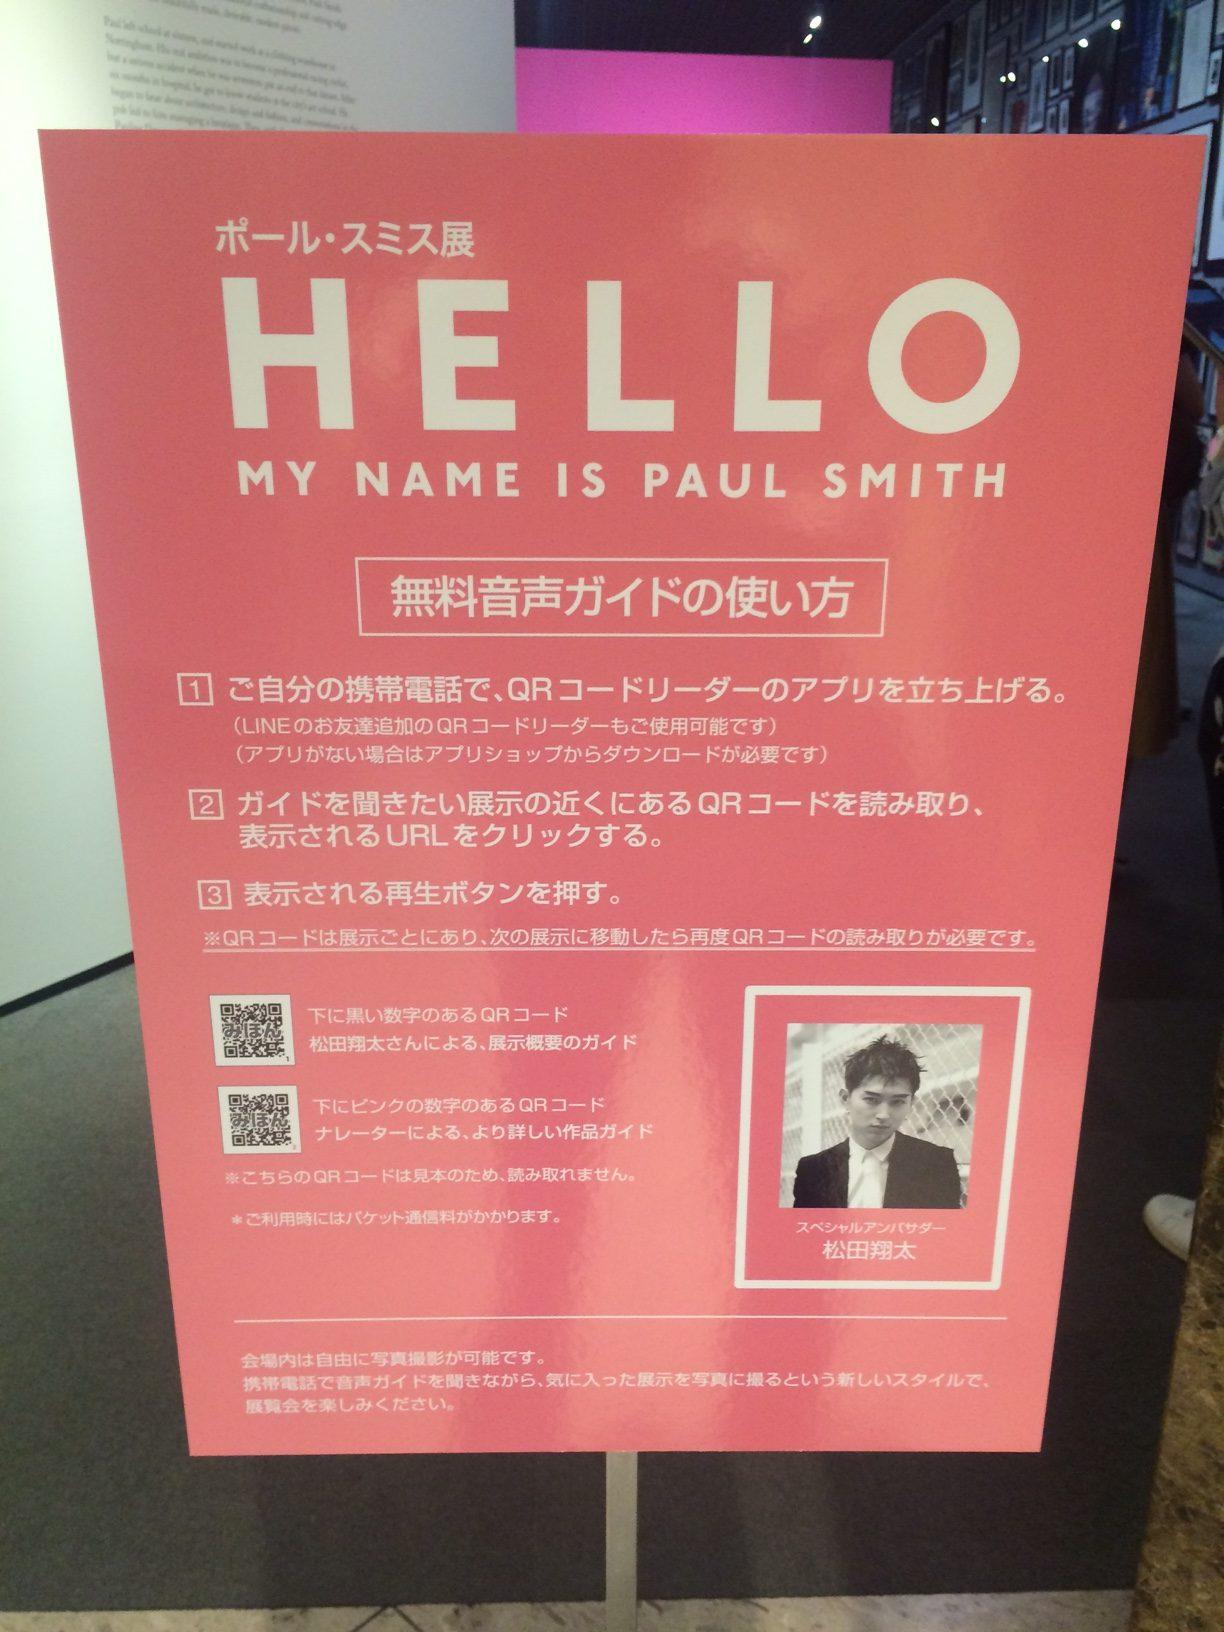 カラフルな作品と展示に心躍る!「ポール・スミス展」 in 名古屋体験レポート - IMG 7886 e1475157103771